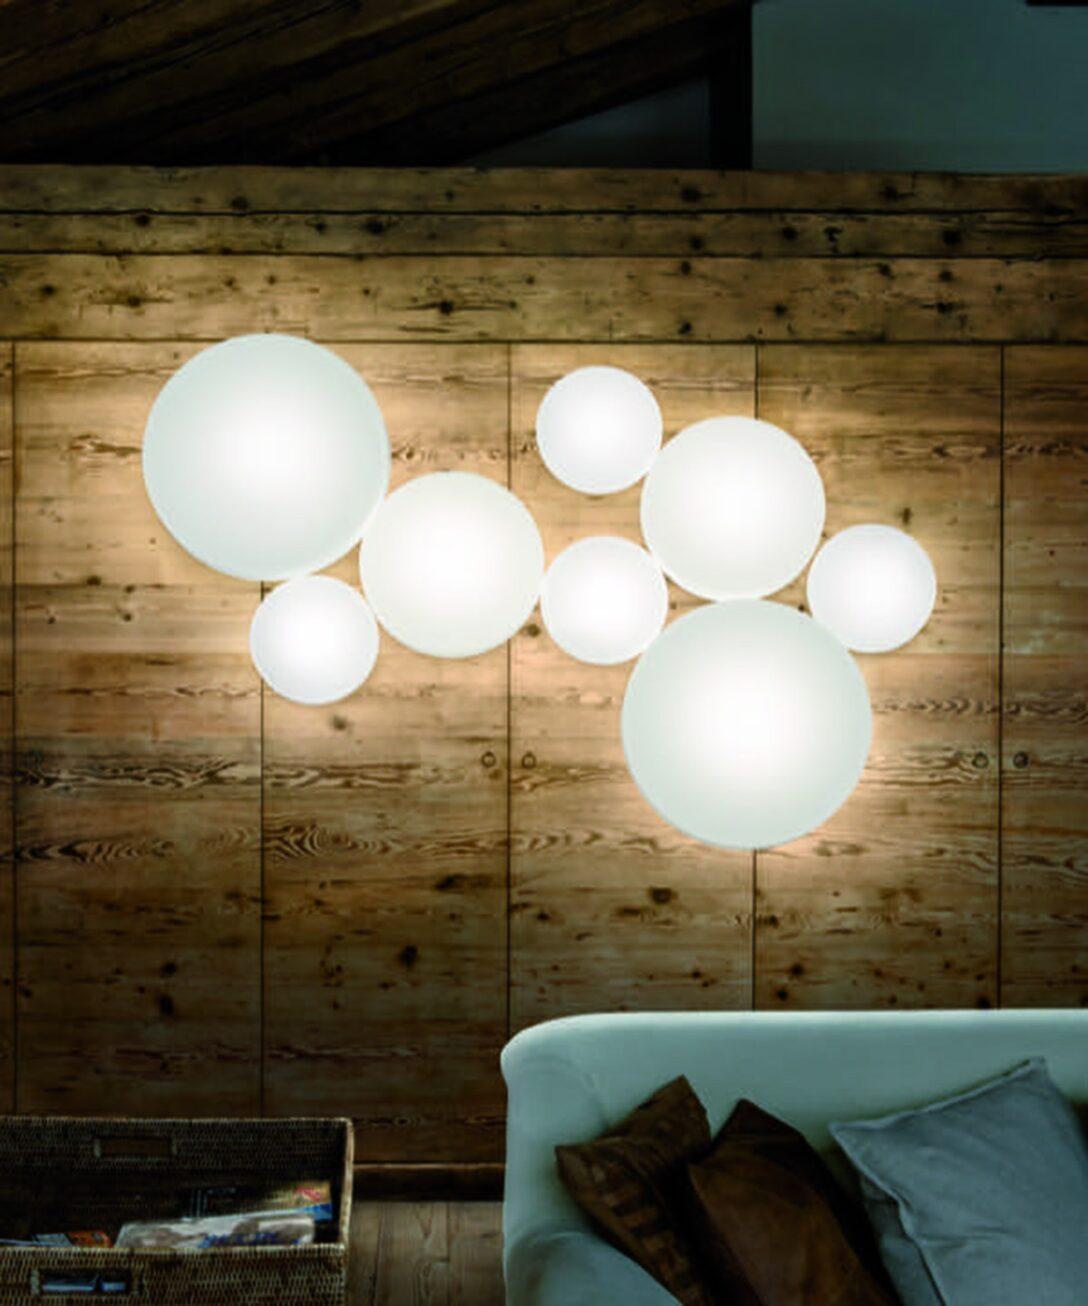 Large Size of Designer Deckenleuchten Einfach Online Kaufen Menzel Leuchten Wohnzimmer Lampen Esstisch Esstische Schlafzimmer Regale Küche Badezimmer Bad Betten Design Wohnzimmer Design Deckenleuchten